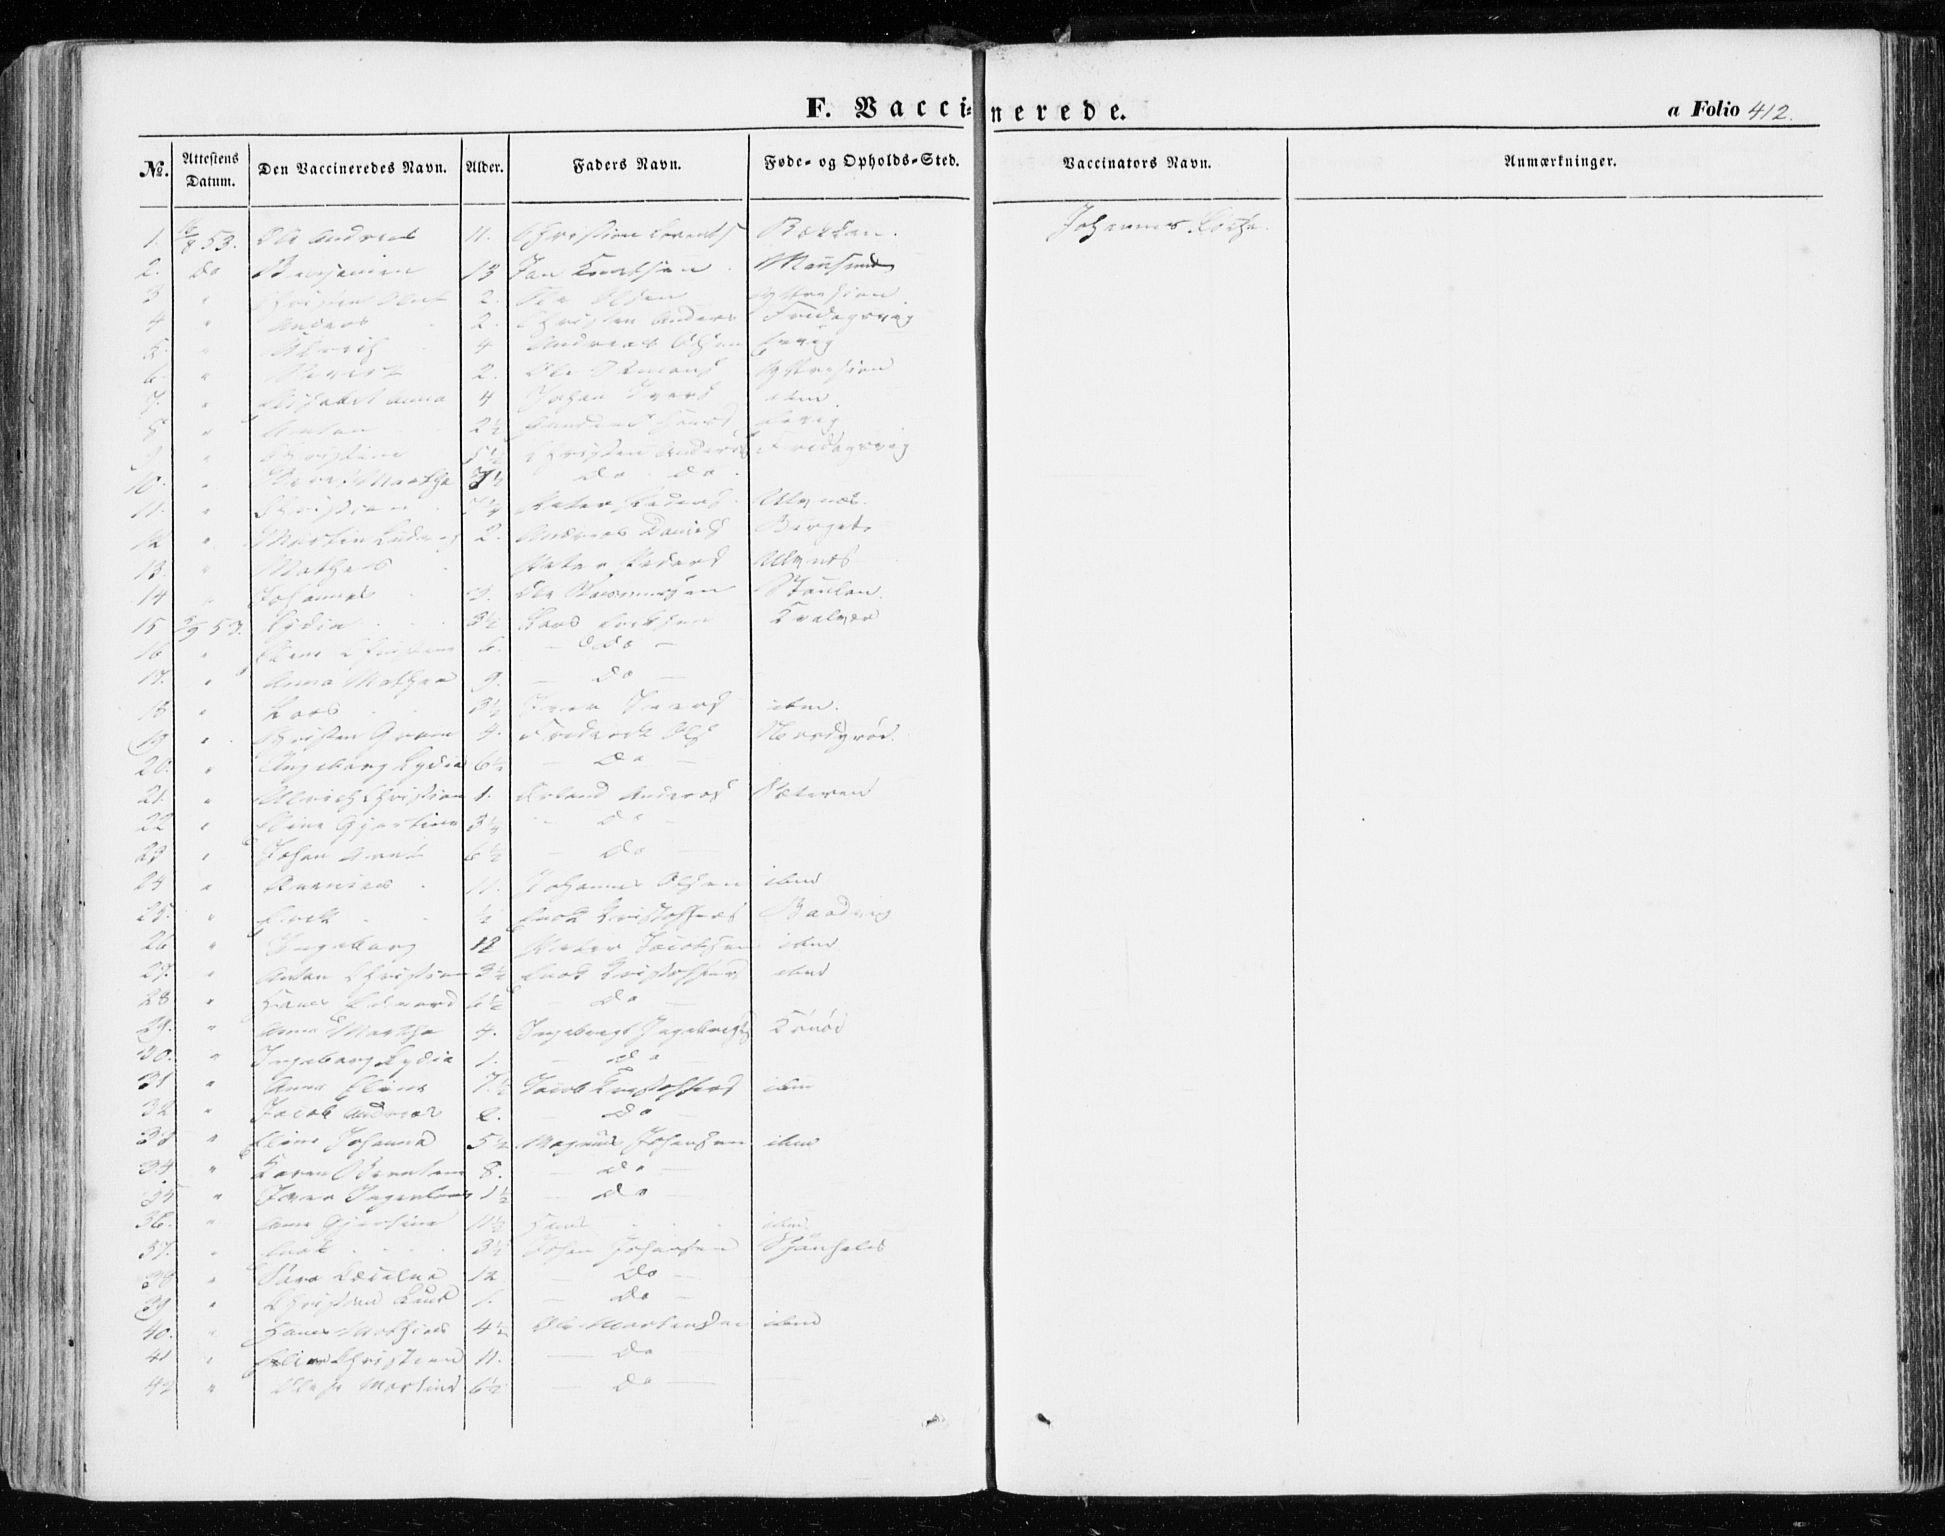 SAT, Ministerialprotokoller, klokkerbøker og fødselsregistre - Sør-Trøndelag, 634/L0530: Ministerialbok nr. 634A06, 1852-1860, s. 412